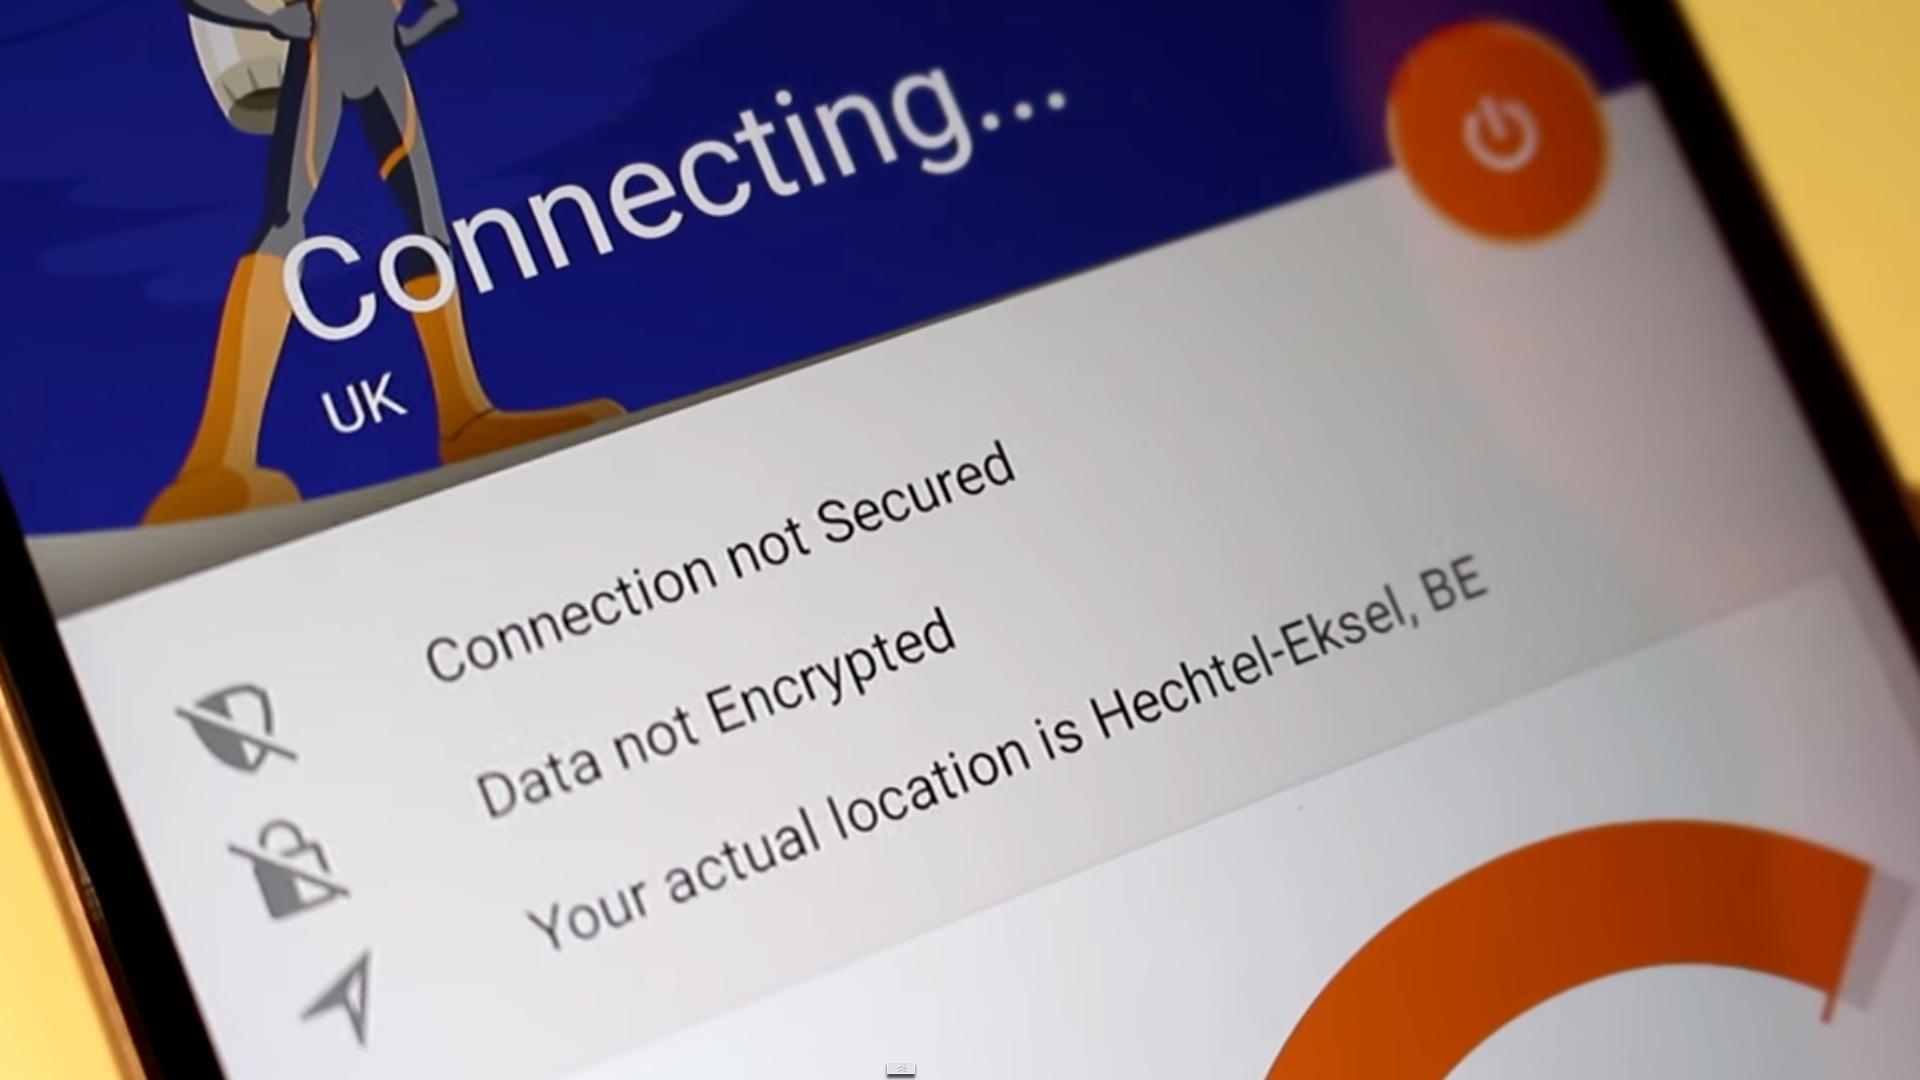 Rocket VPN inentando conectarse. La interfaz es muy sencilla.